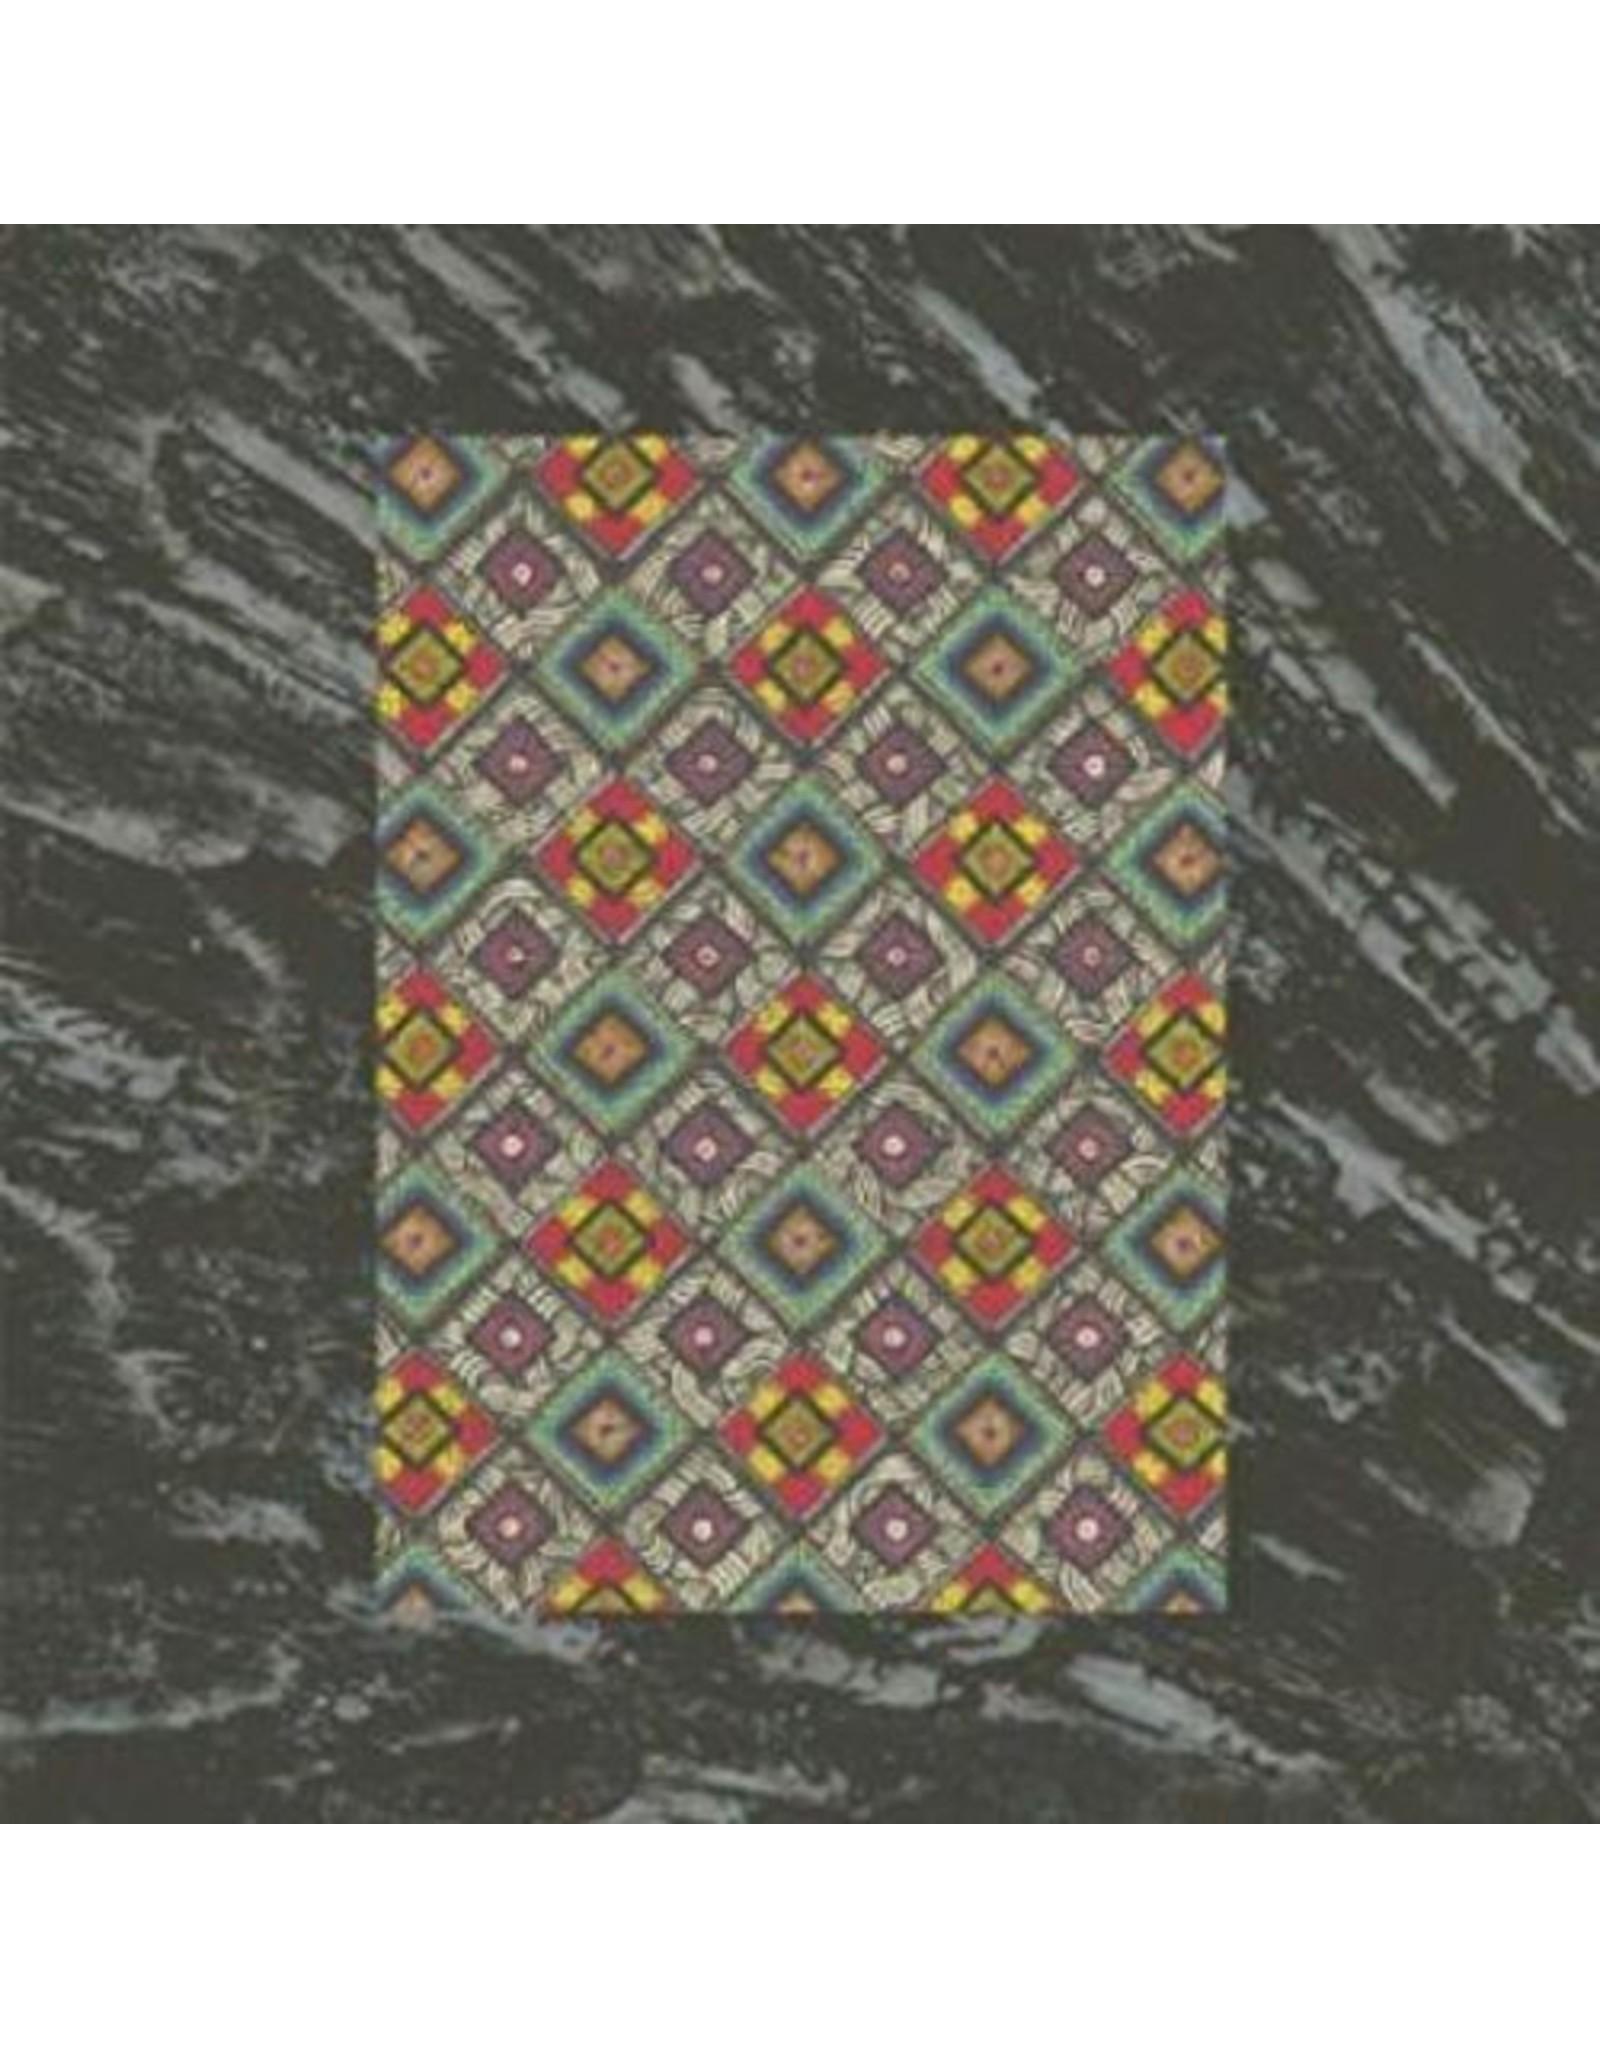 New Vinyl Quicksails - Mortal LP